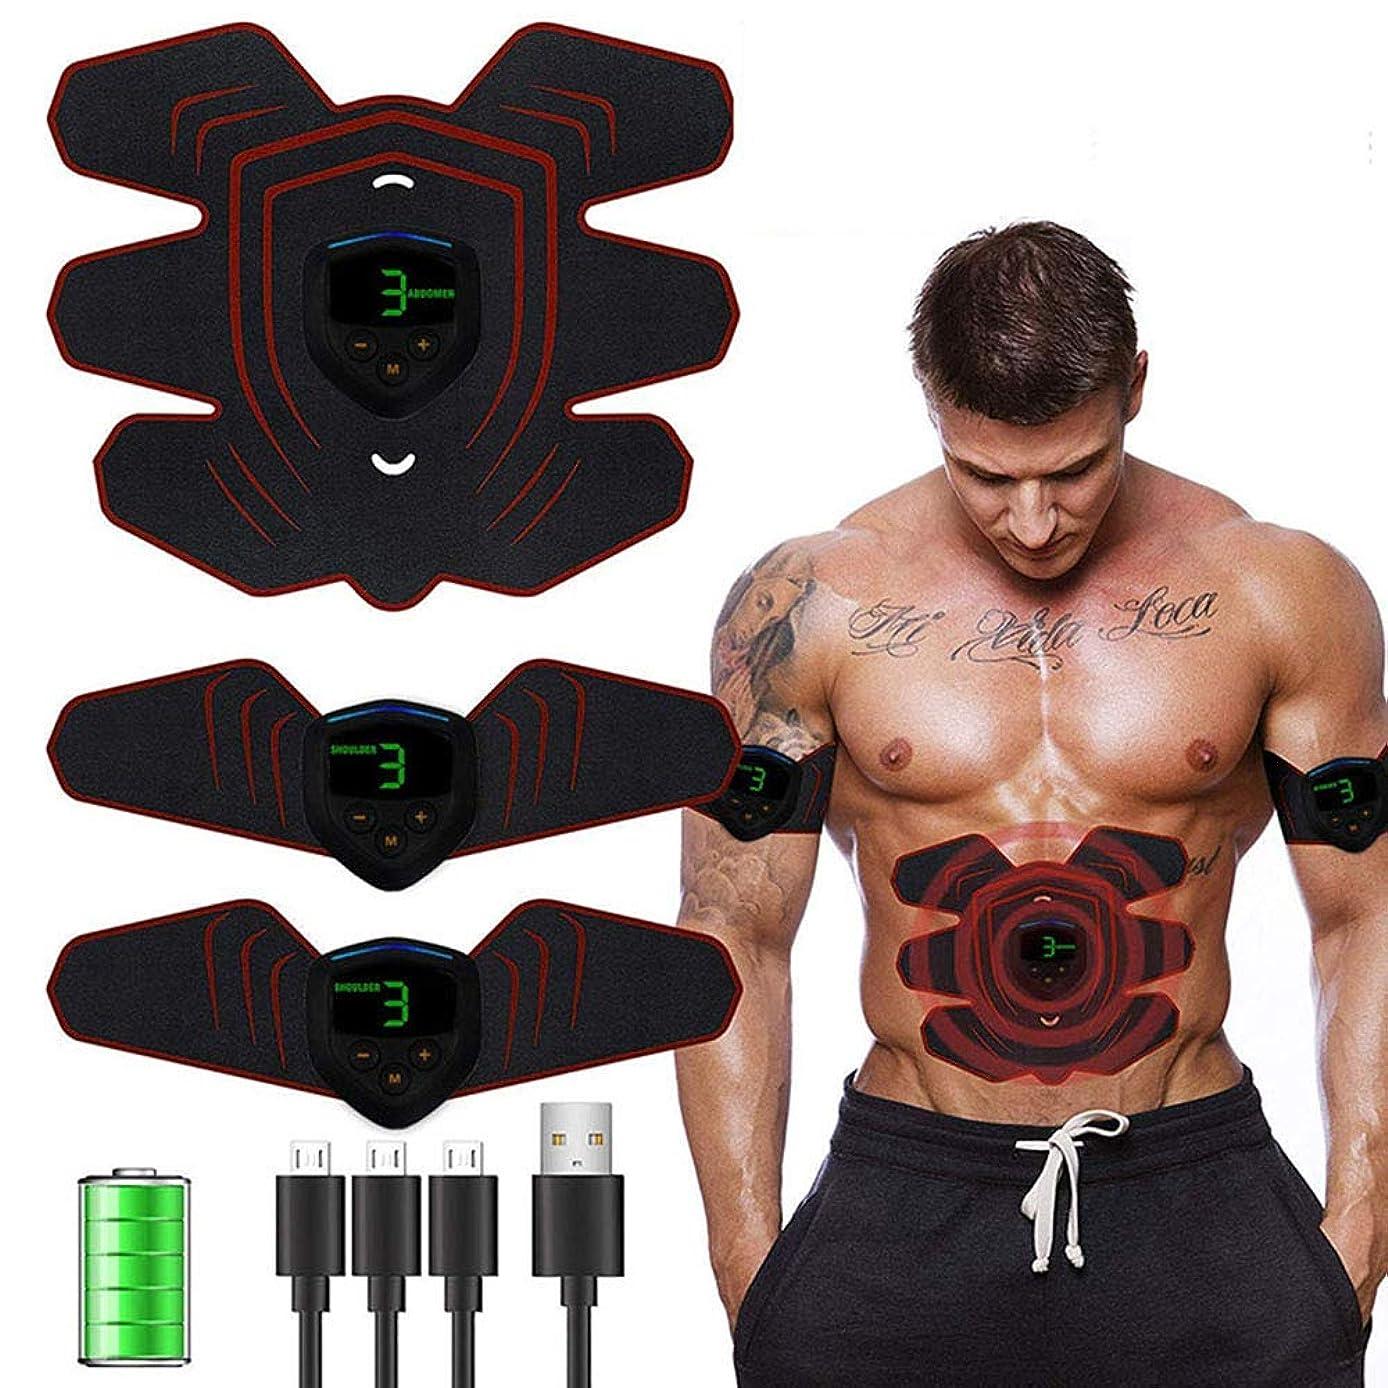 ペストリーお酢登場USB充電式 腹筋ベルト EMS 腹筋トレニング 腹筋トレ 腰部 お腹ダイエット ウエストダイエット 腹筋シックスパッド 腹筋マシーン